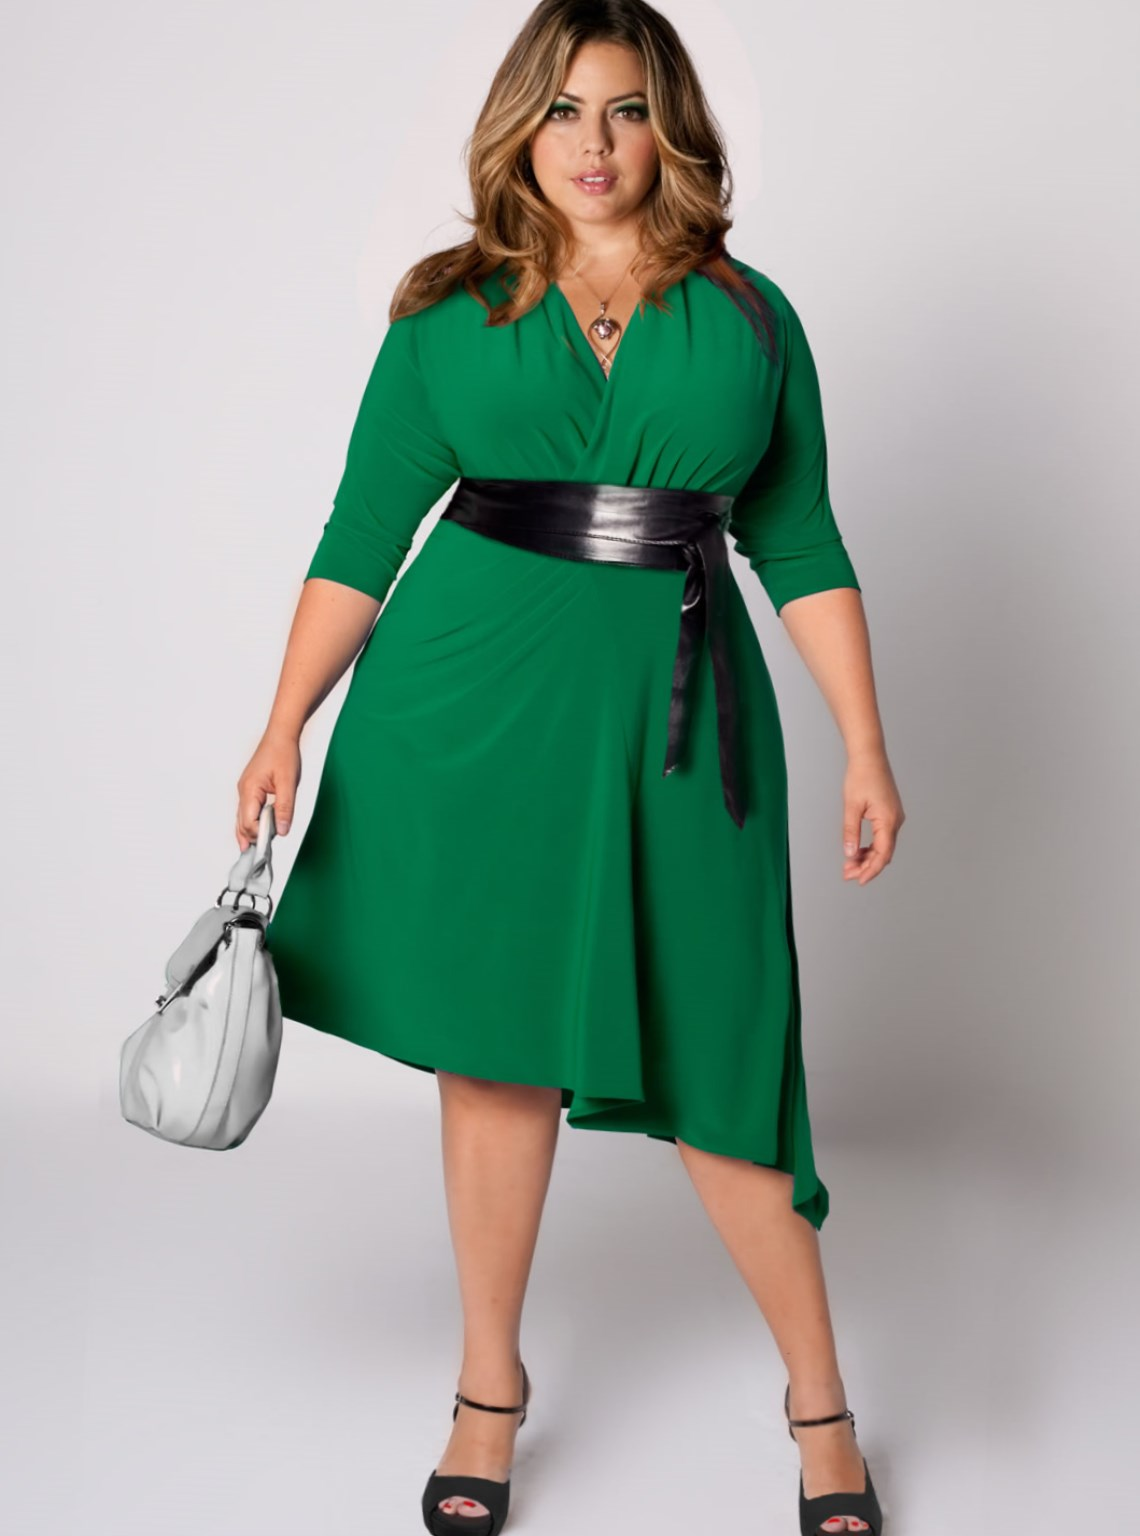 как одеваться в 50 лет женщине фото